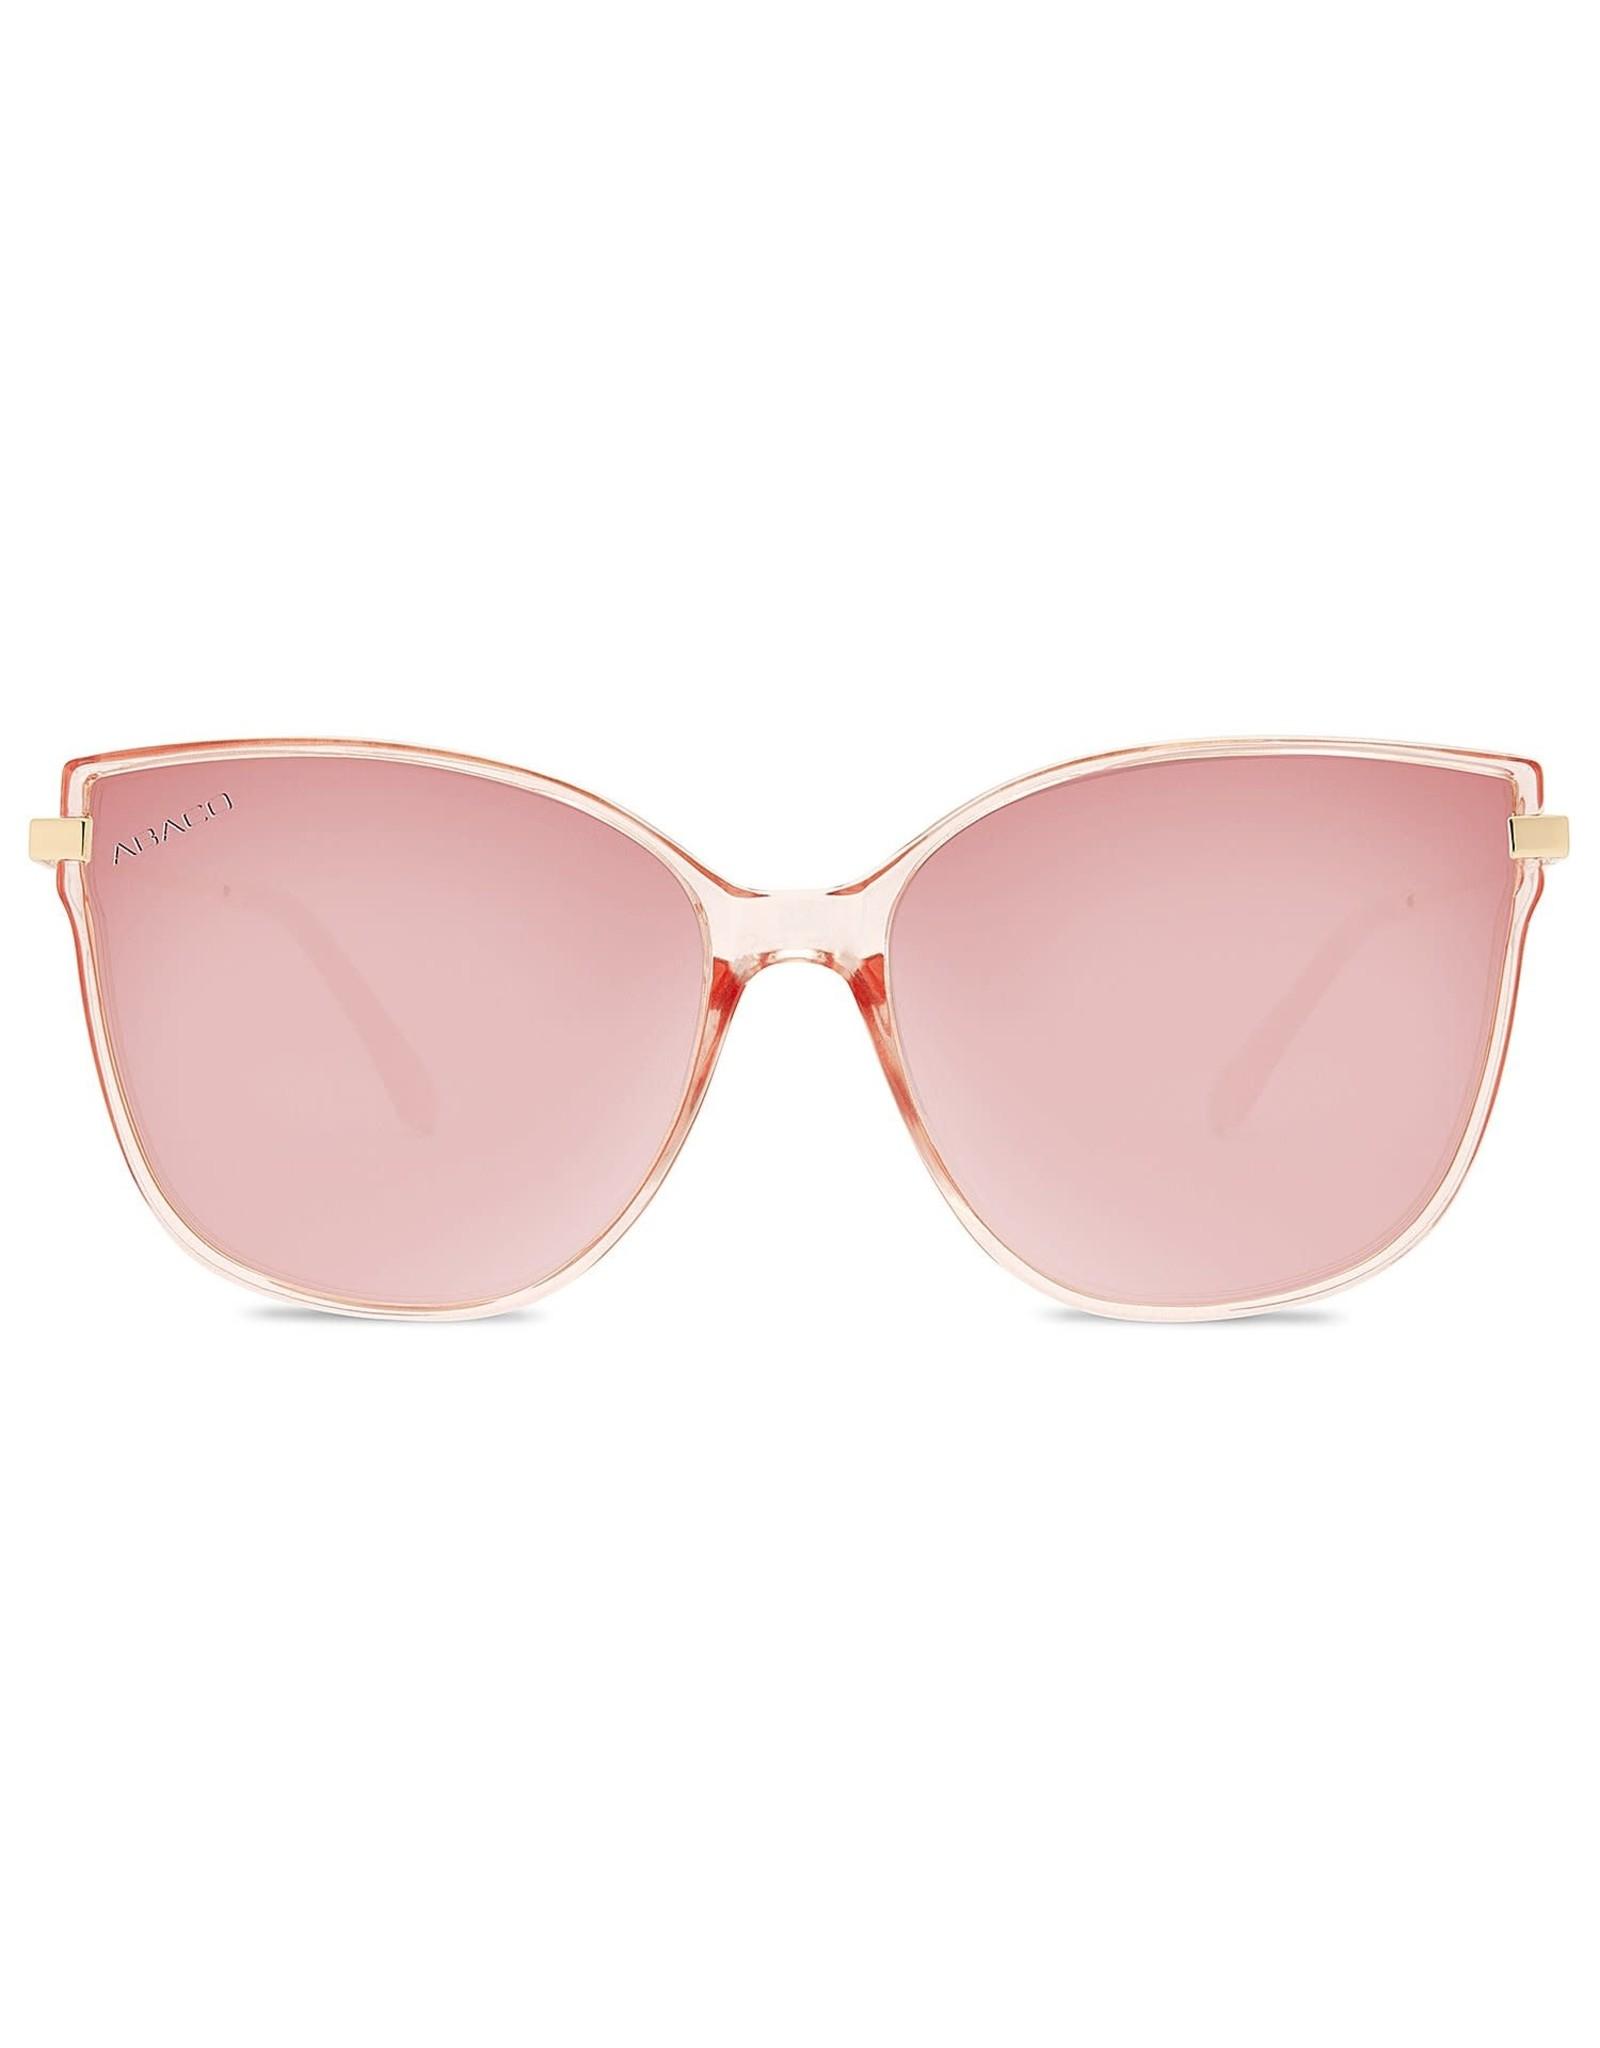 Abaco Polarized Ella Pink/Gold/Rose Gold